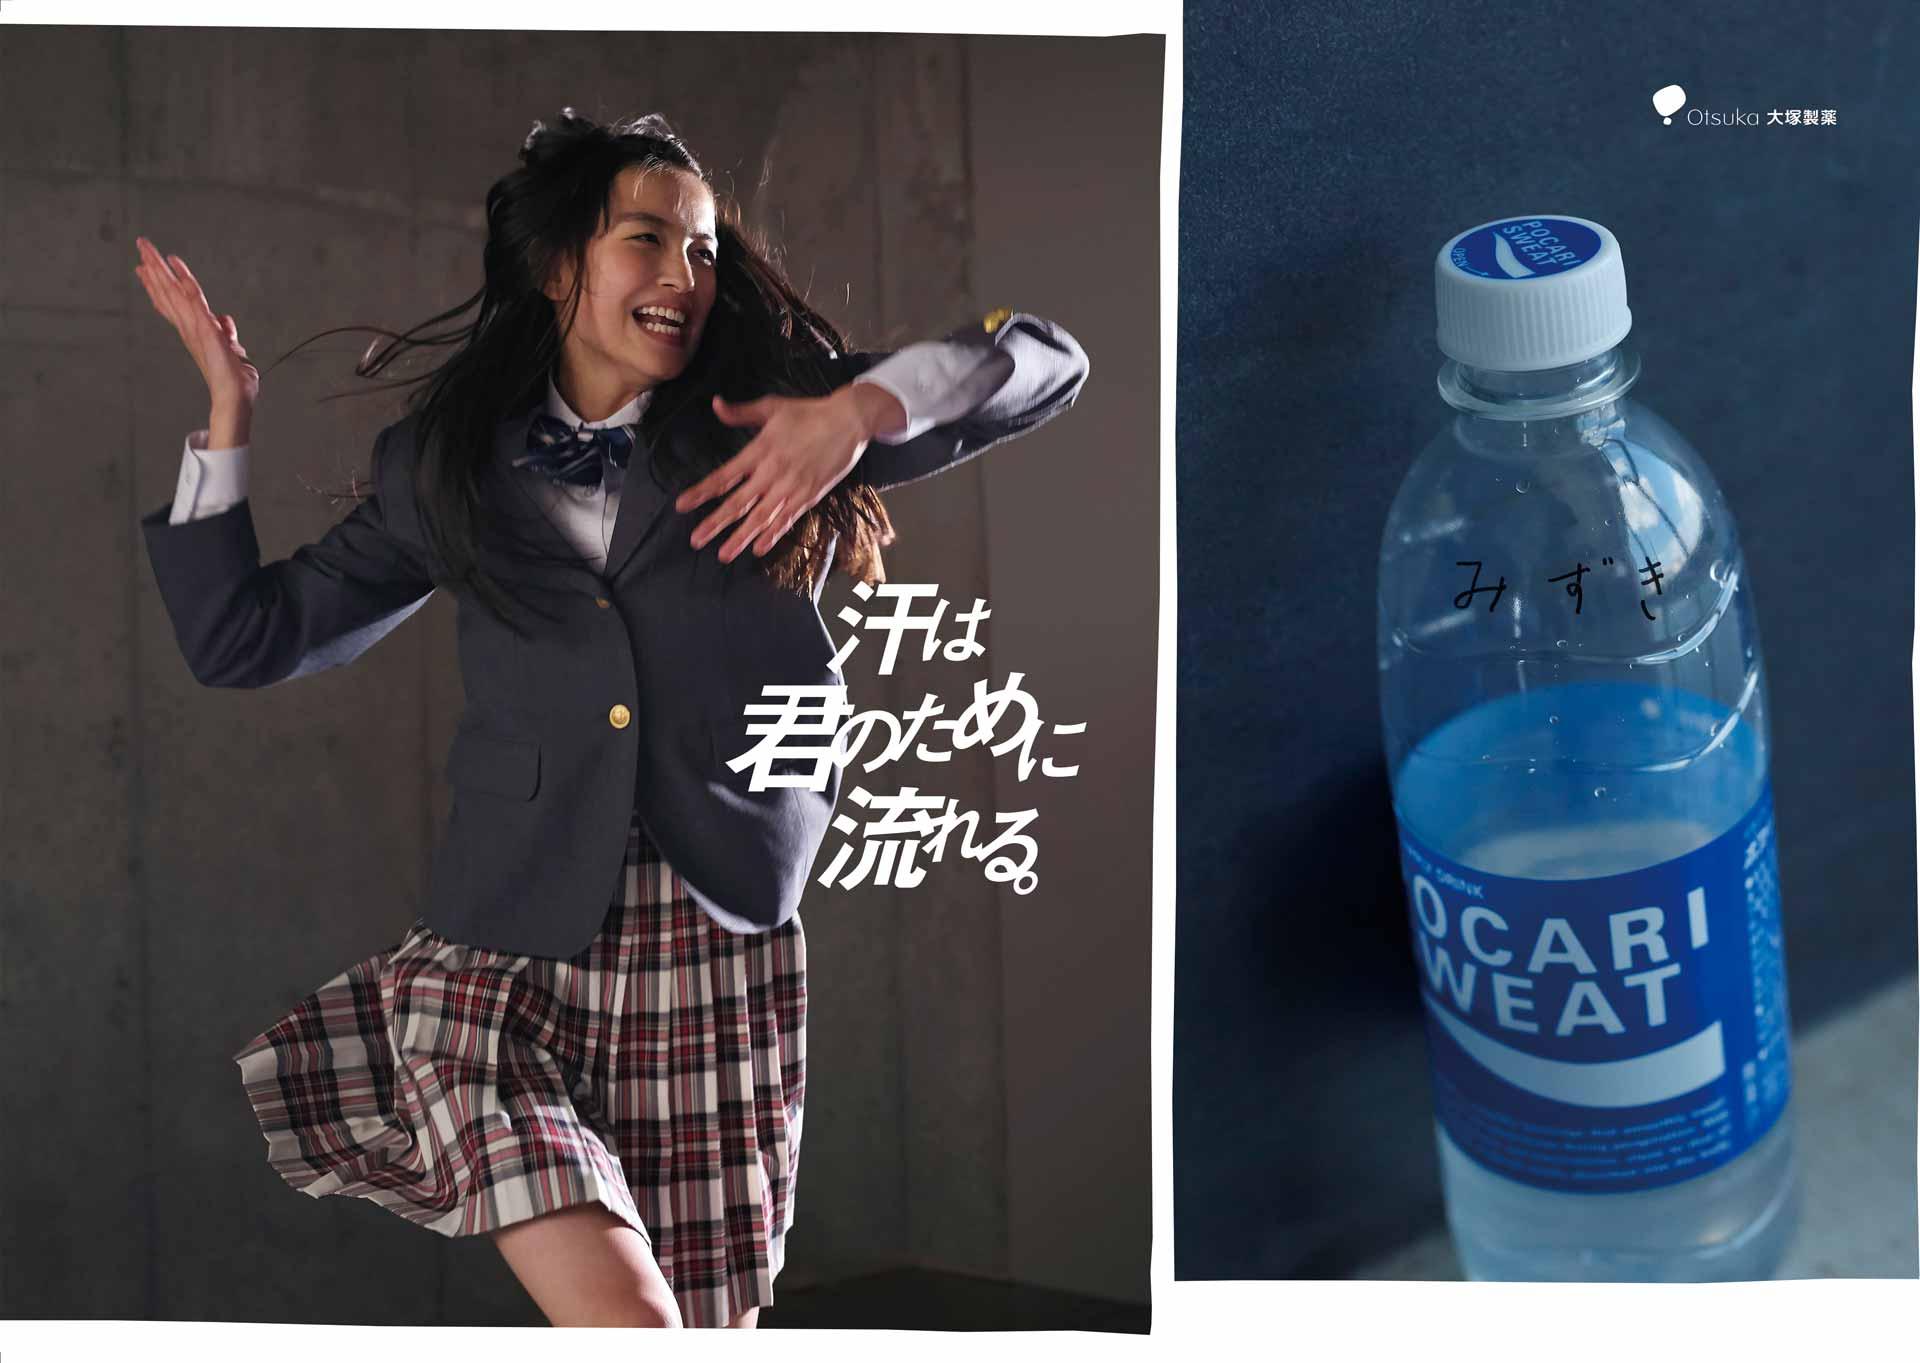 大塚製薬 ポカリスエット 2019「魂の叫びとダンス」篇